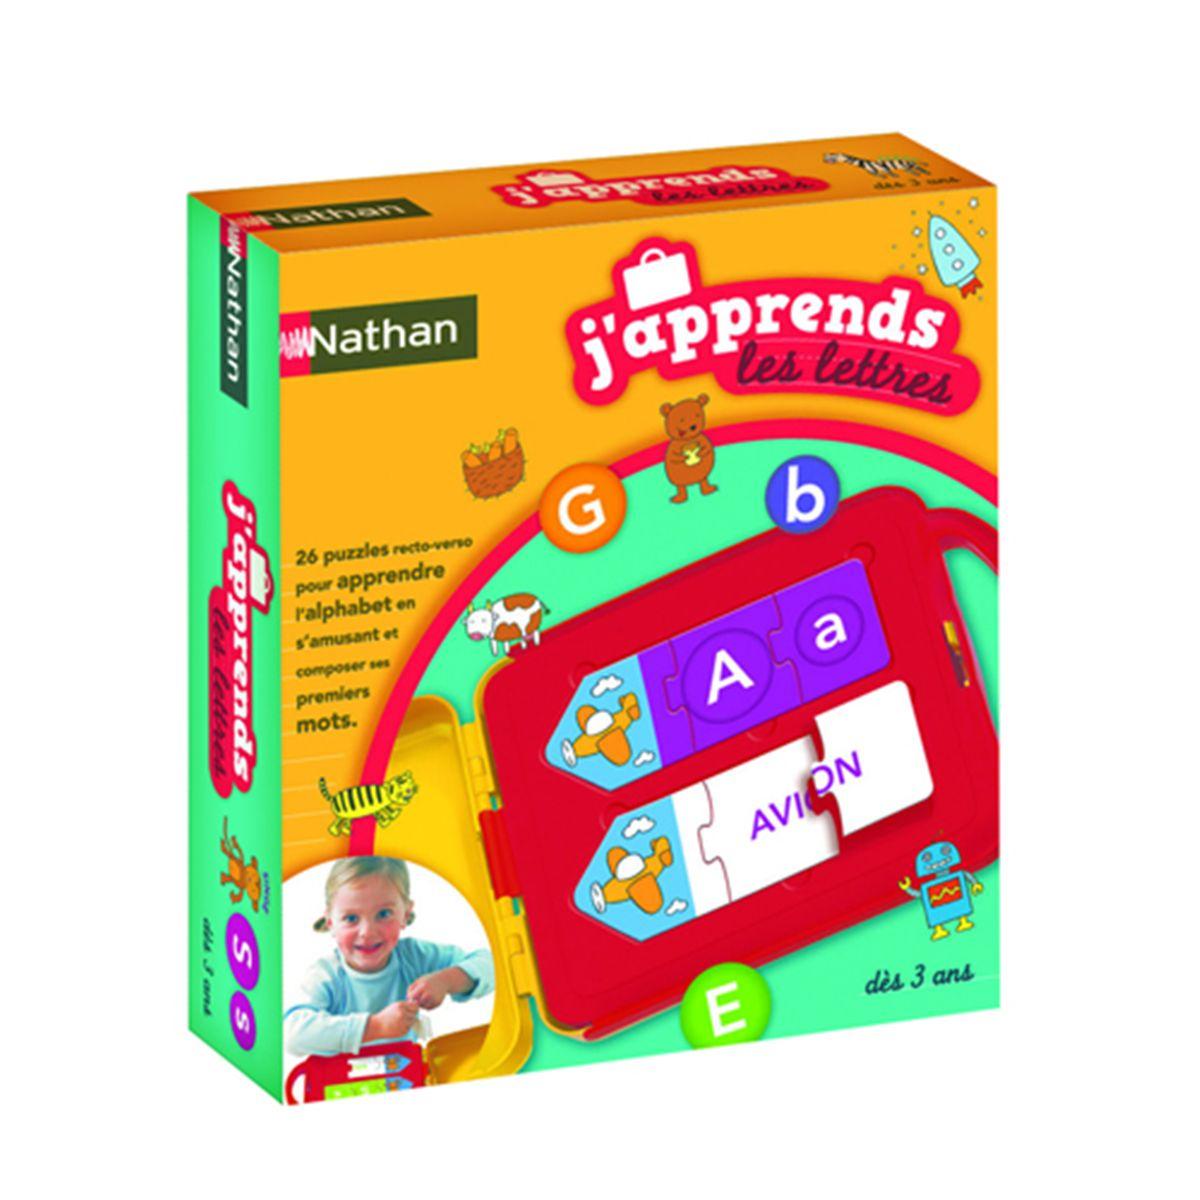 Jeu Éducatif J 'Approuve Les Lettres avec Jeux Educatif 3 Ans